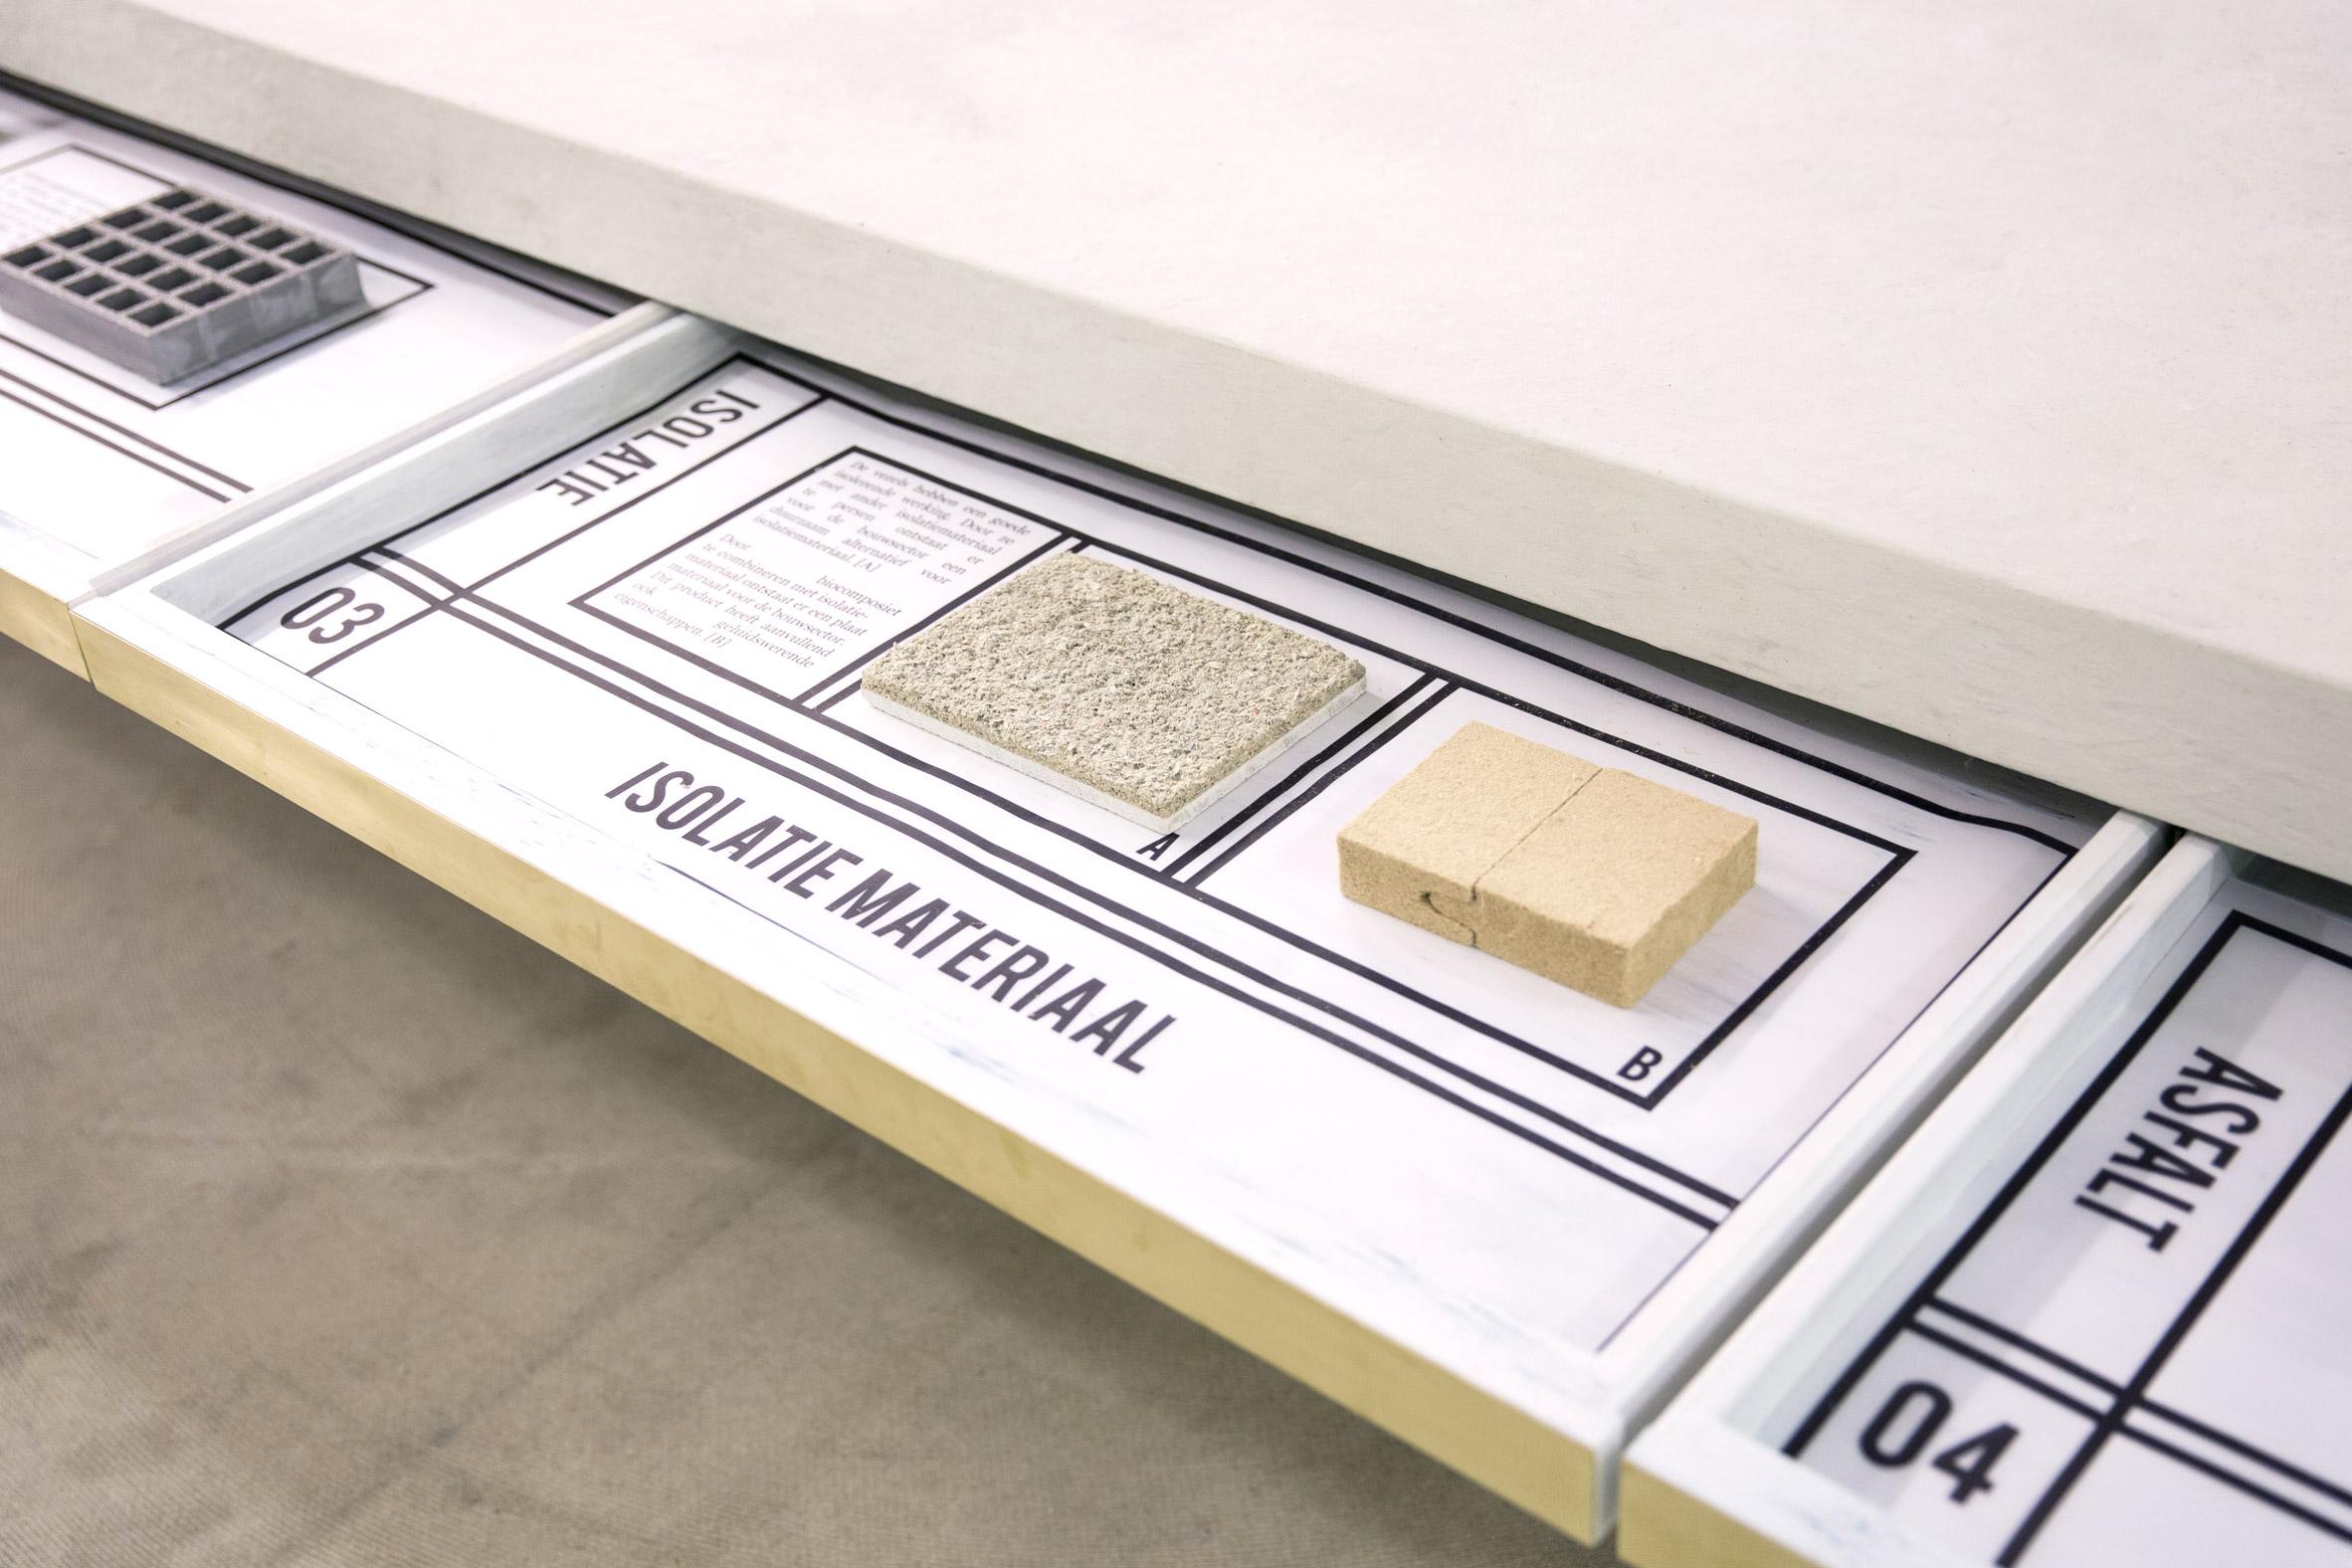 sea-me-recycled-toilet-paper-homeware-corckery-design-studio-nienke-hoogvliet-netherlands_dezeen_2364_col_2